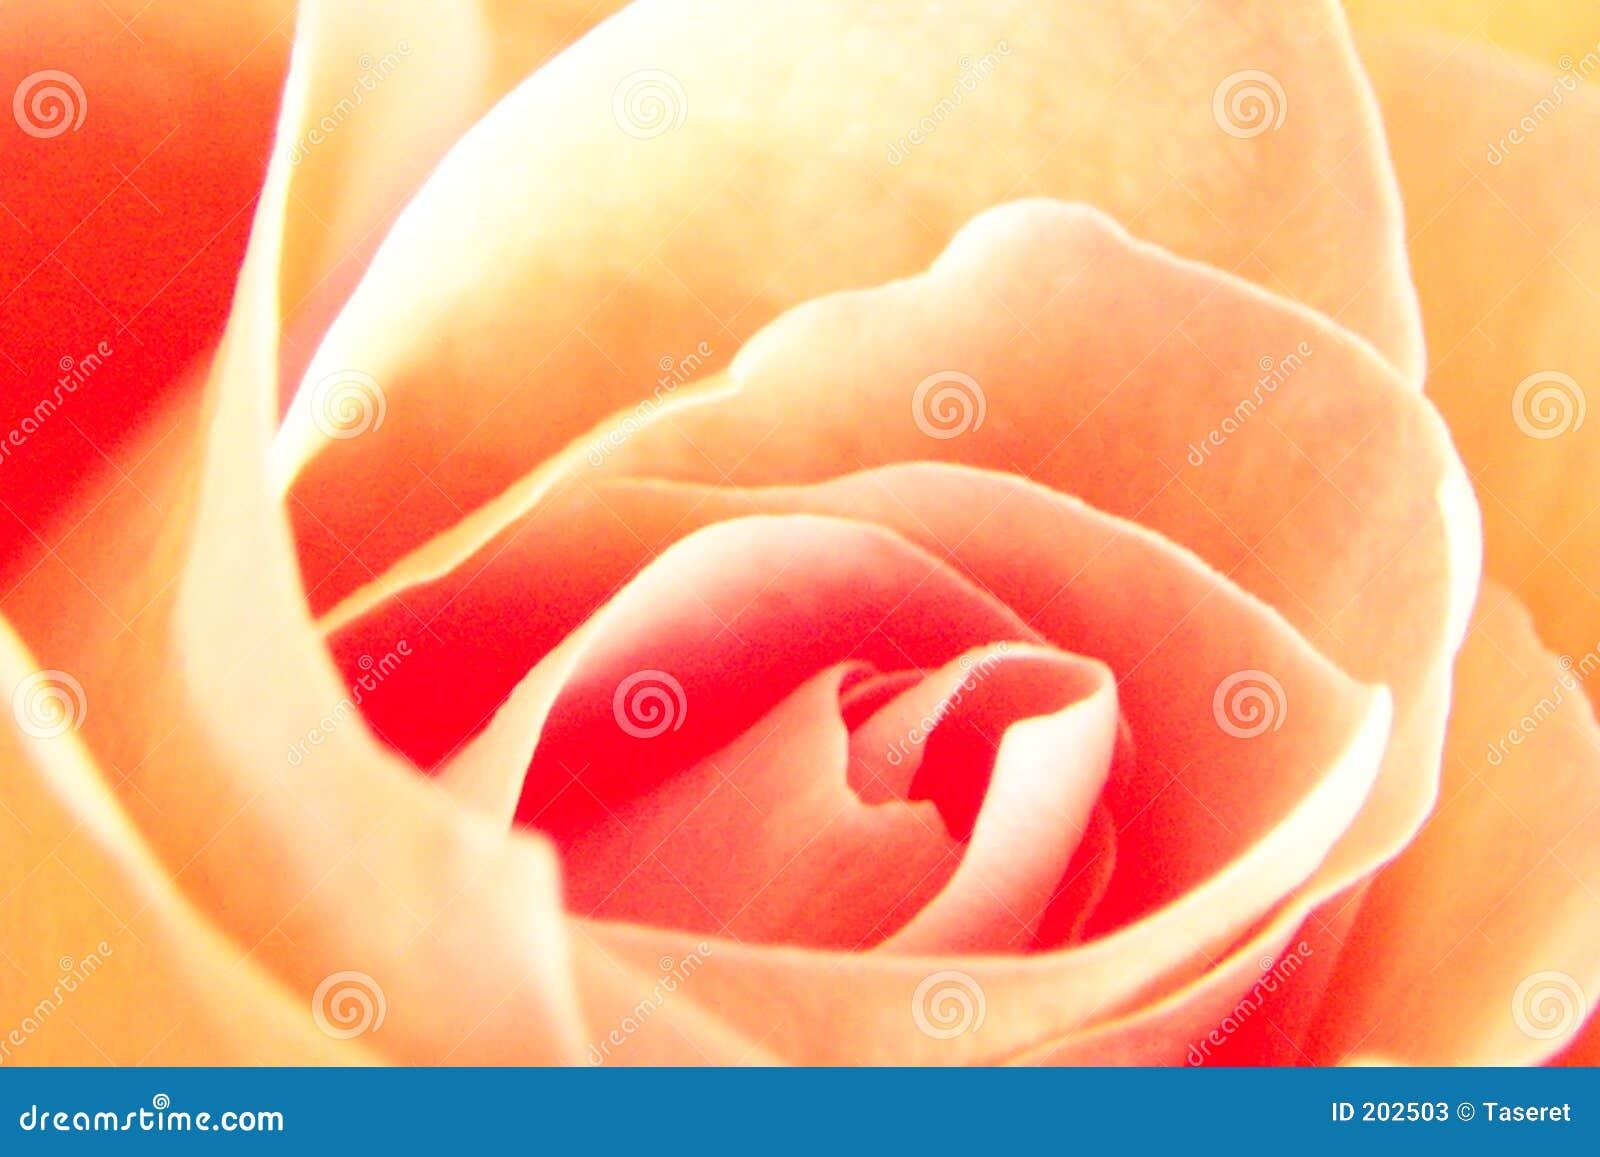 Rosa gialla molle